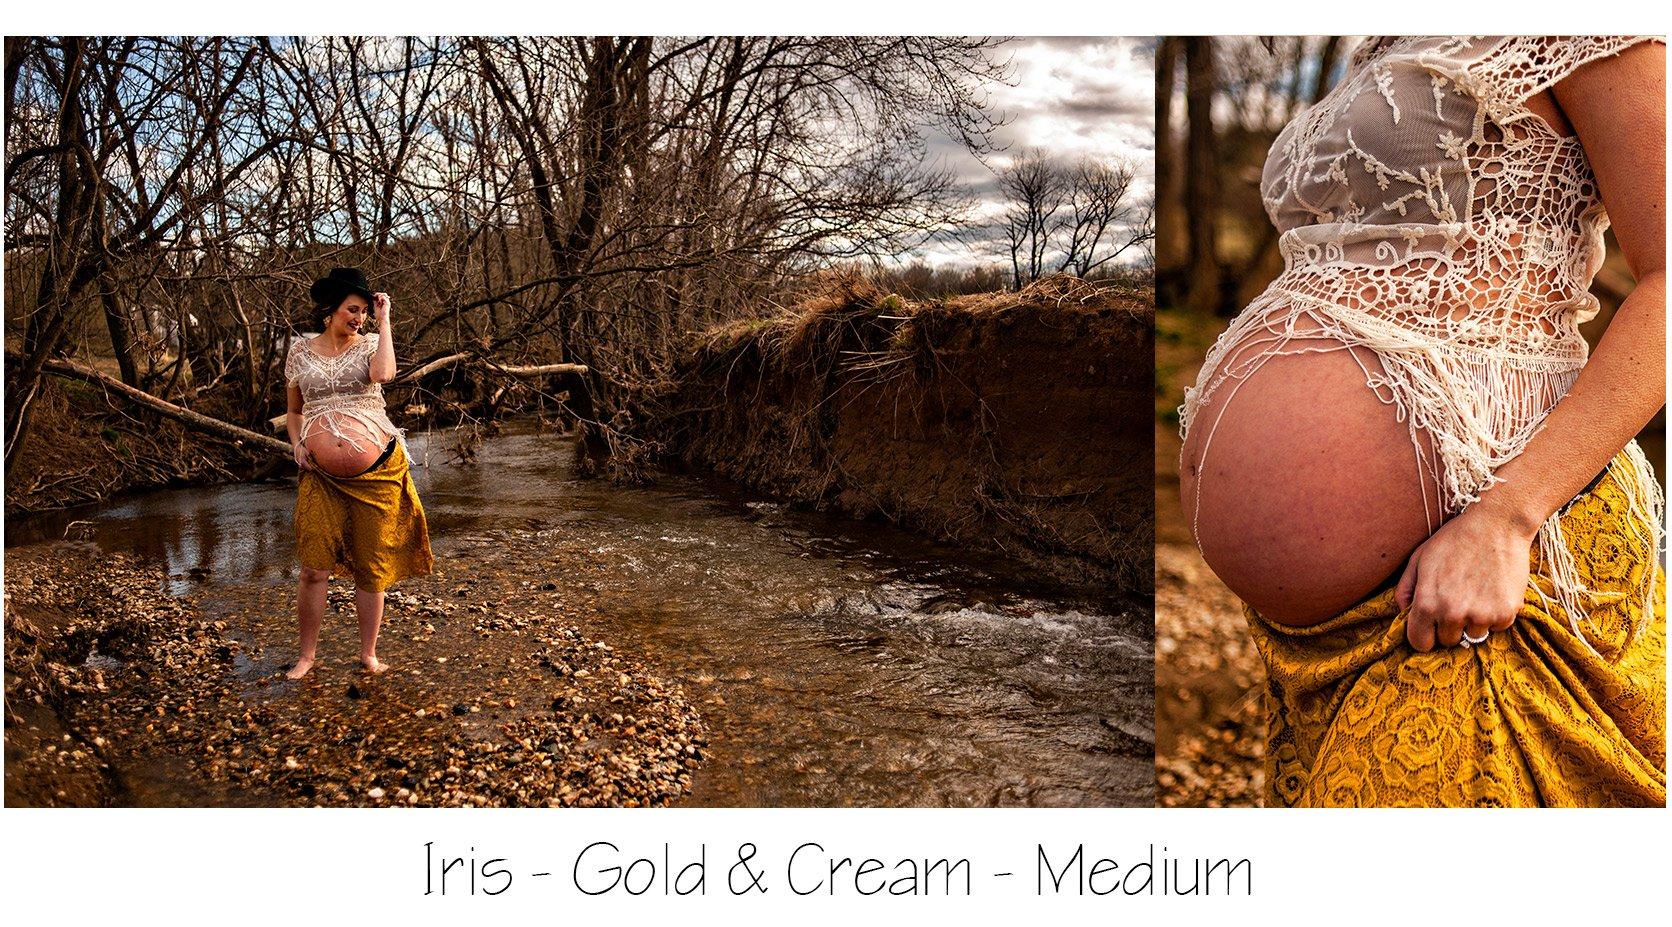 Maternity Photo Session: Gold Lola Skirt, Boho Fringe Top and Black Fedora Hat